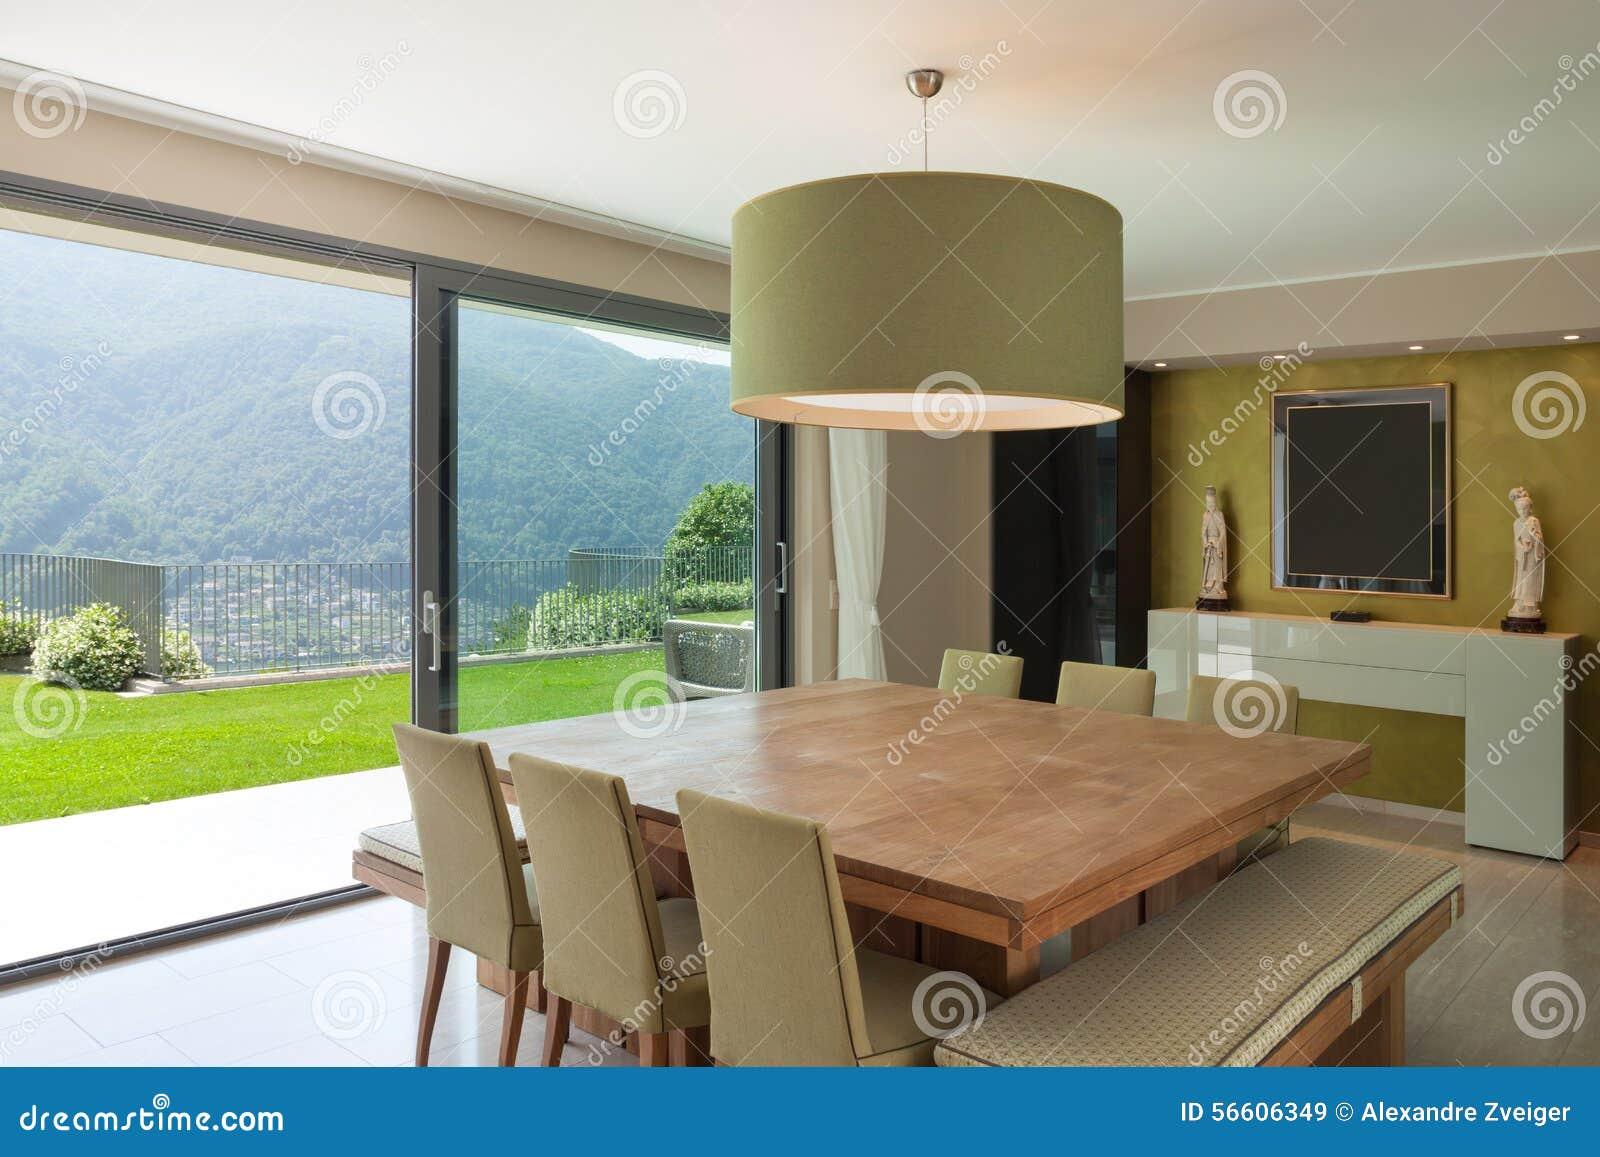 Appartement meublé, table de salle à manger